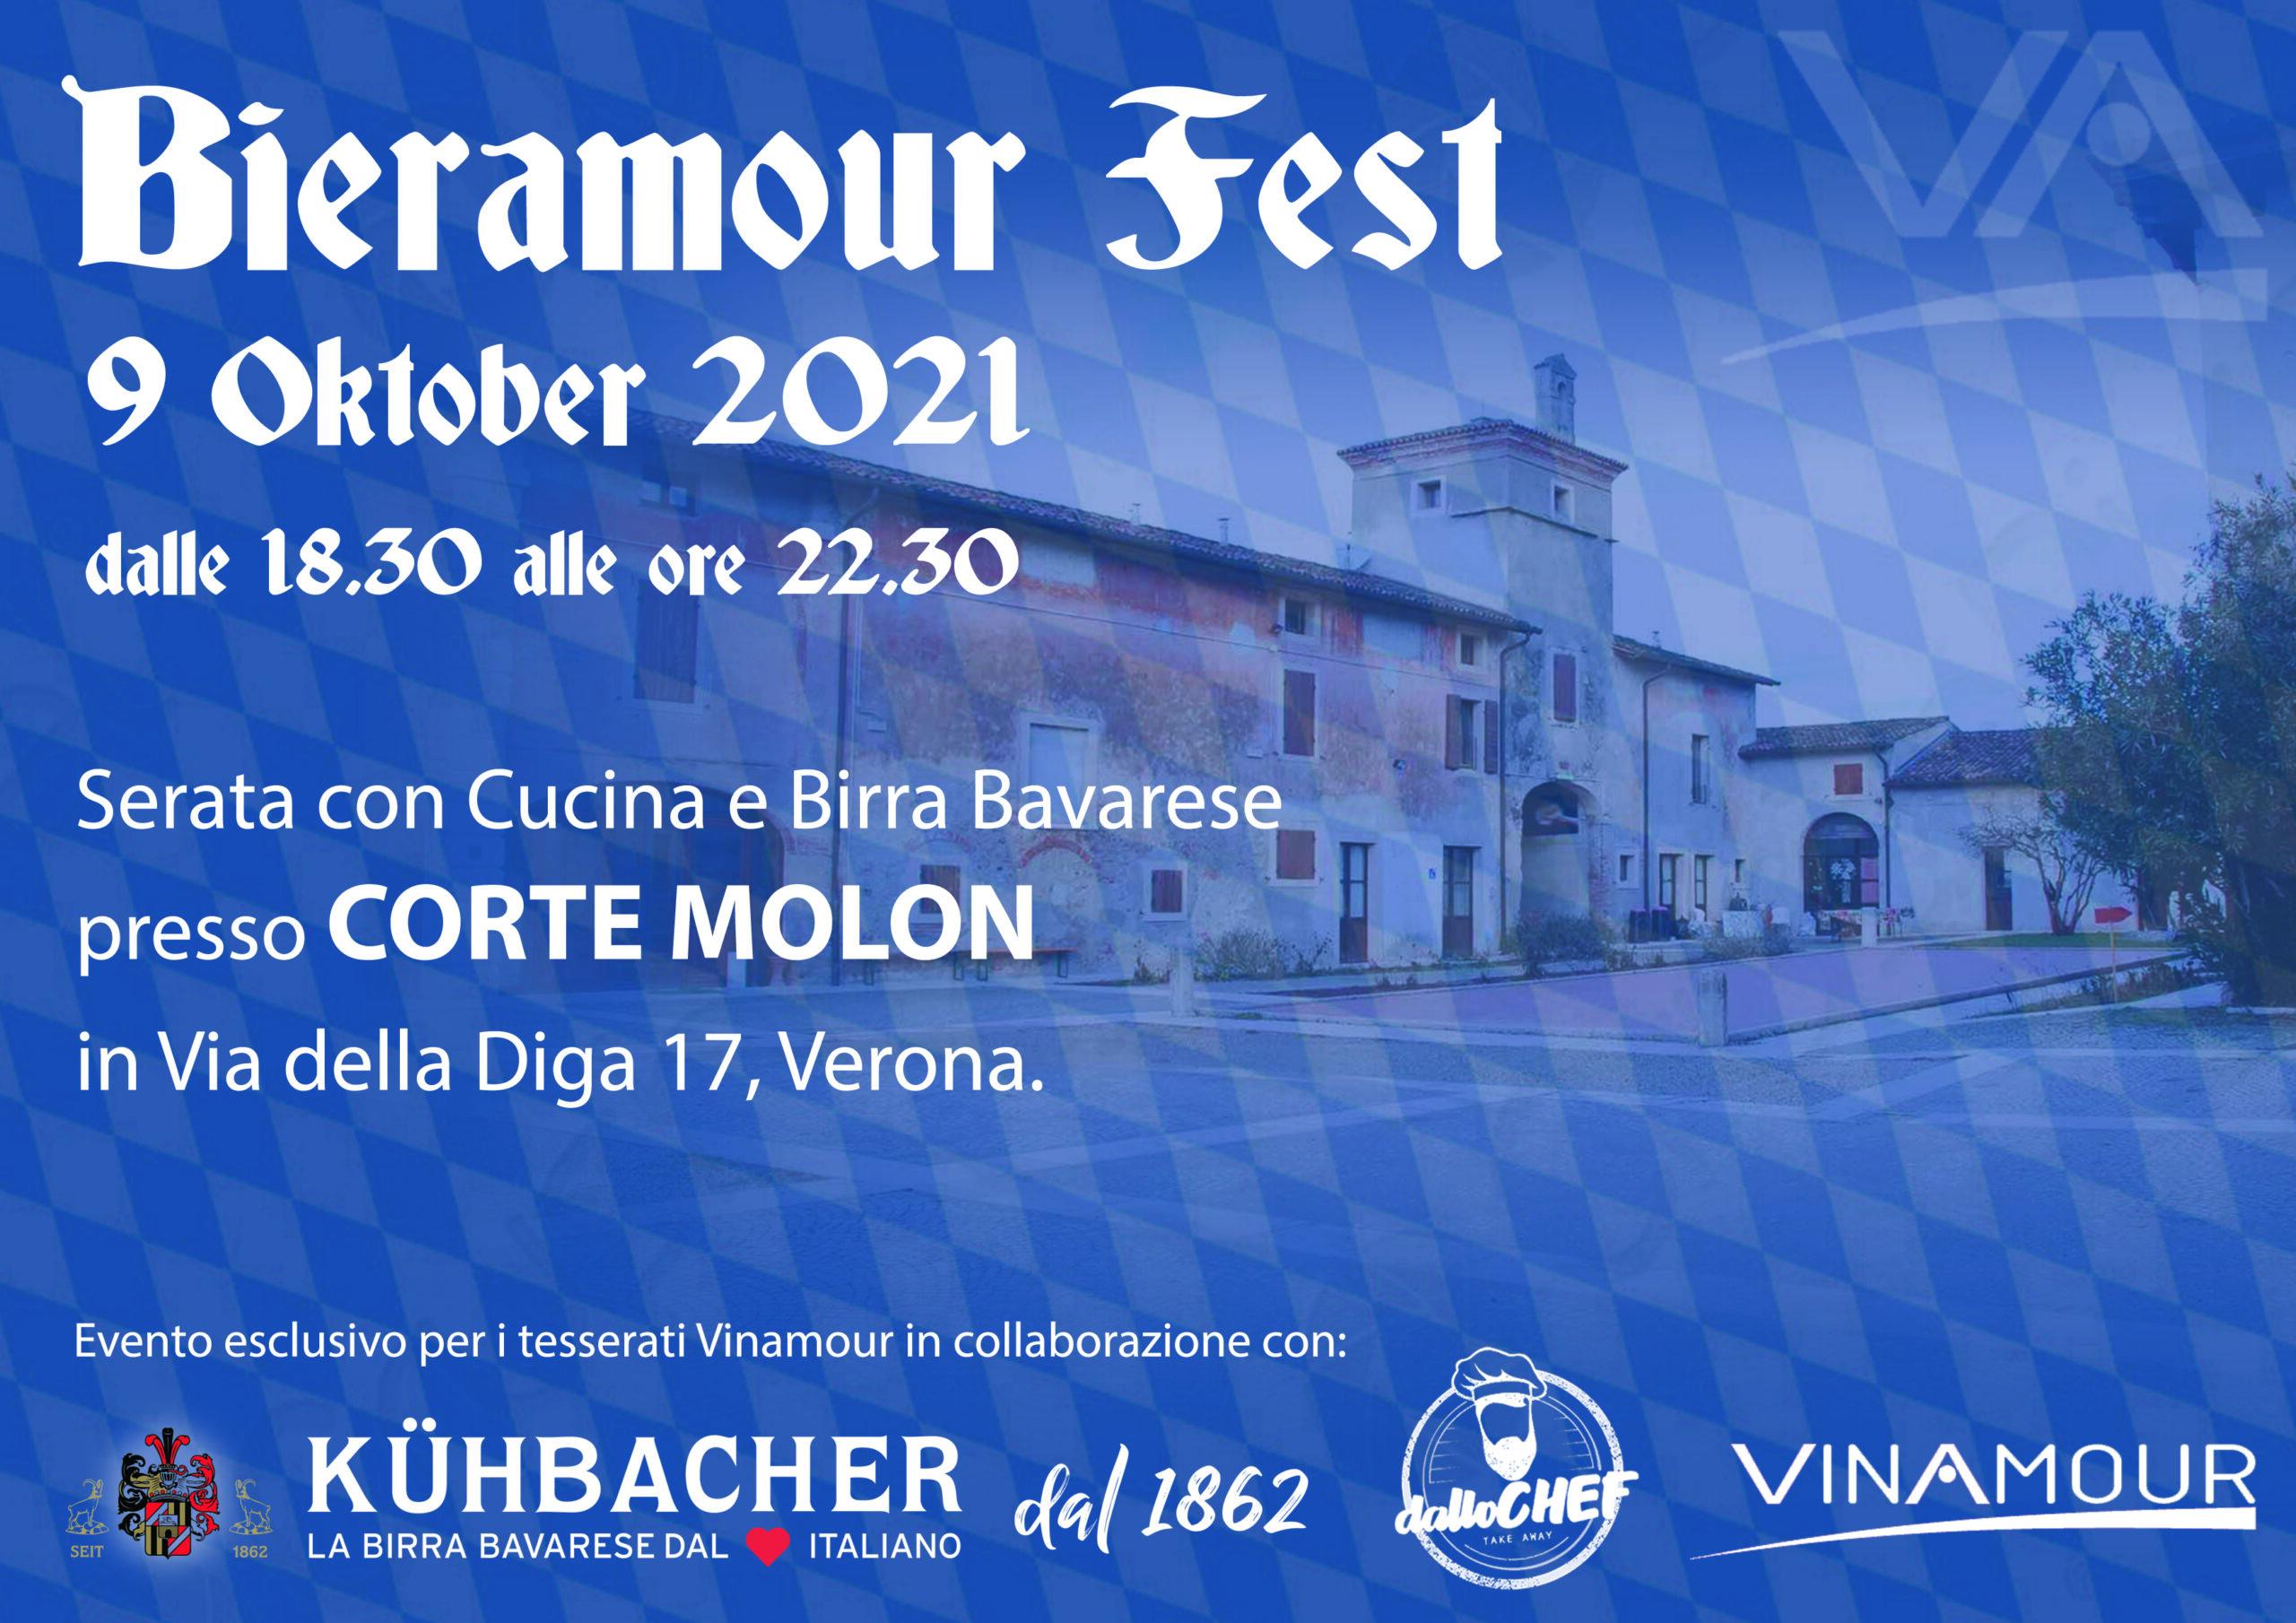 Sabato 9 ottobre dalle ore 18.30 presso Corte Molon, Vinamour presenta l'evento: Bieramour Fest